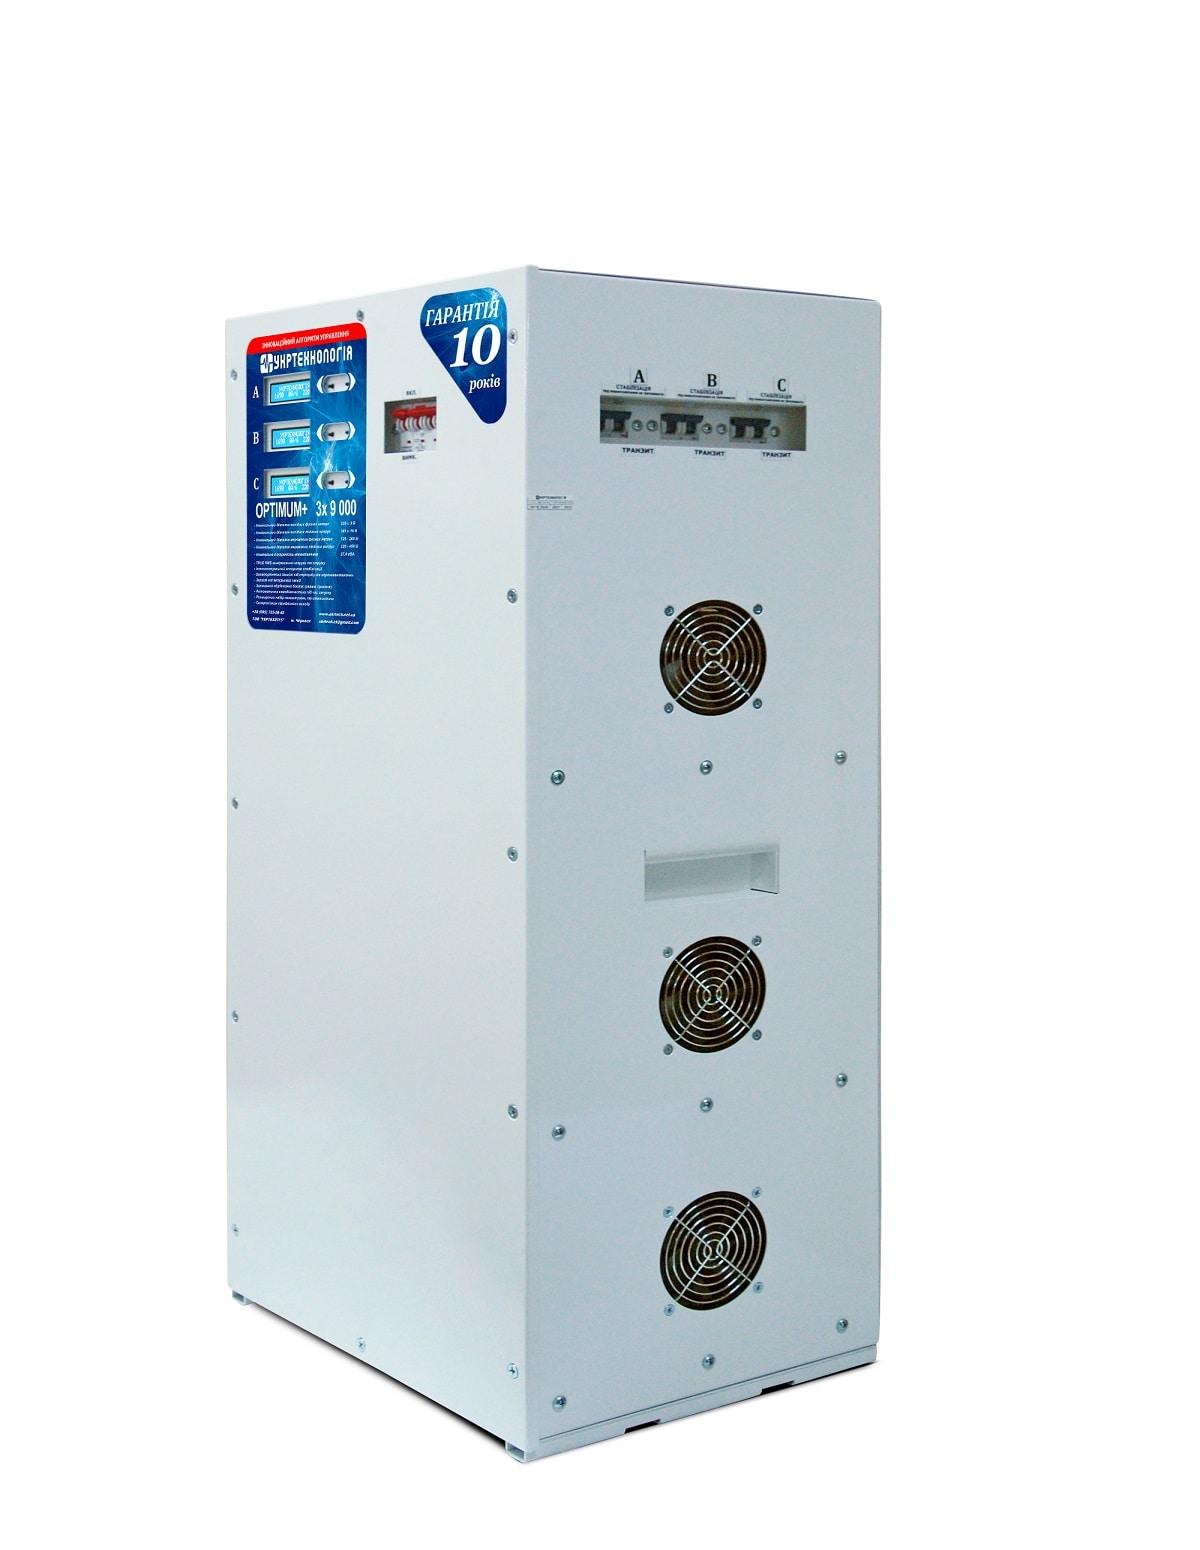 Стабилизаторы напряжения - Стабилизатор напряжения 9 кВт х 3 OPTIMUM 000001492 - Фото 1